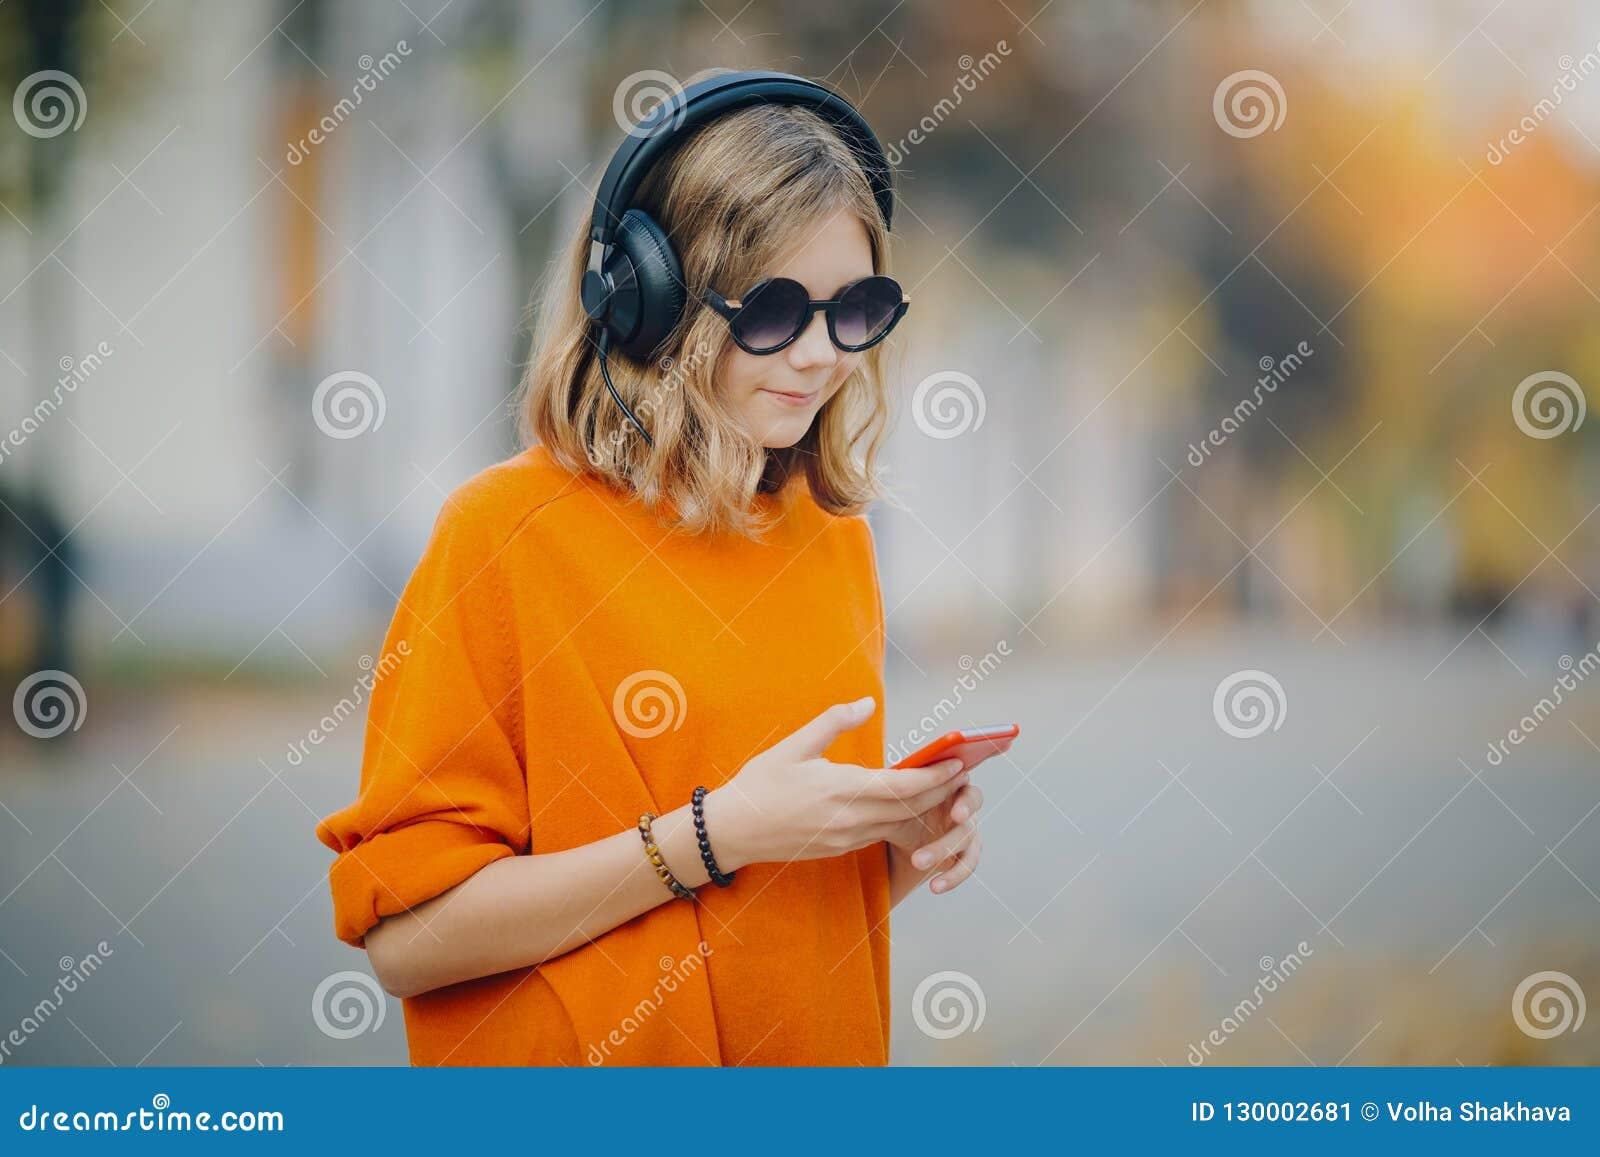 Gullig ung flicka som går ner den gamla stadsgatan och lyssnande musik i hörlurar, stads- stil, tonårig håll för stilfull hipster